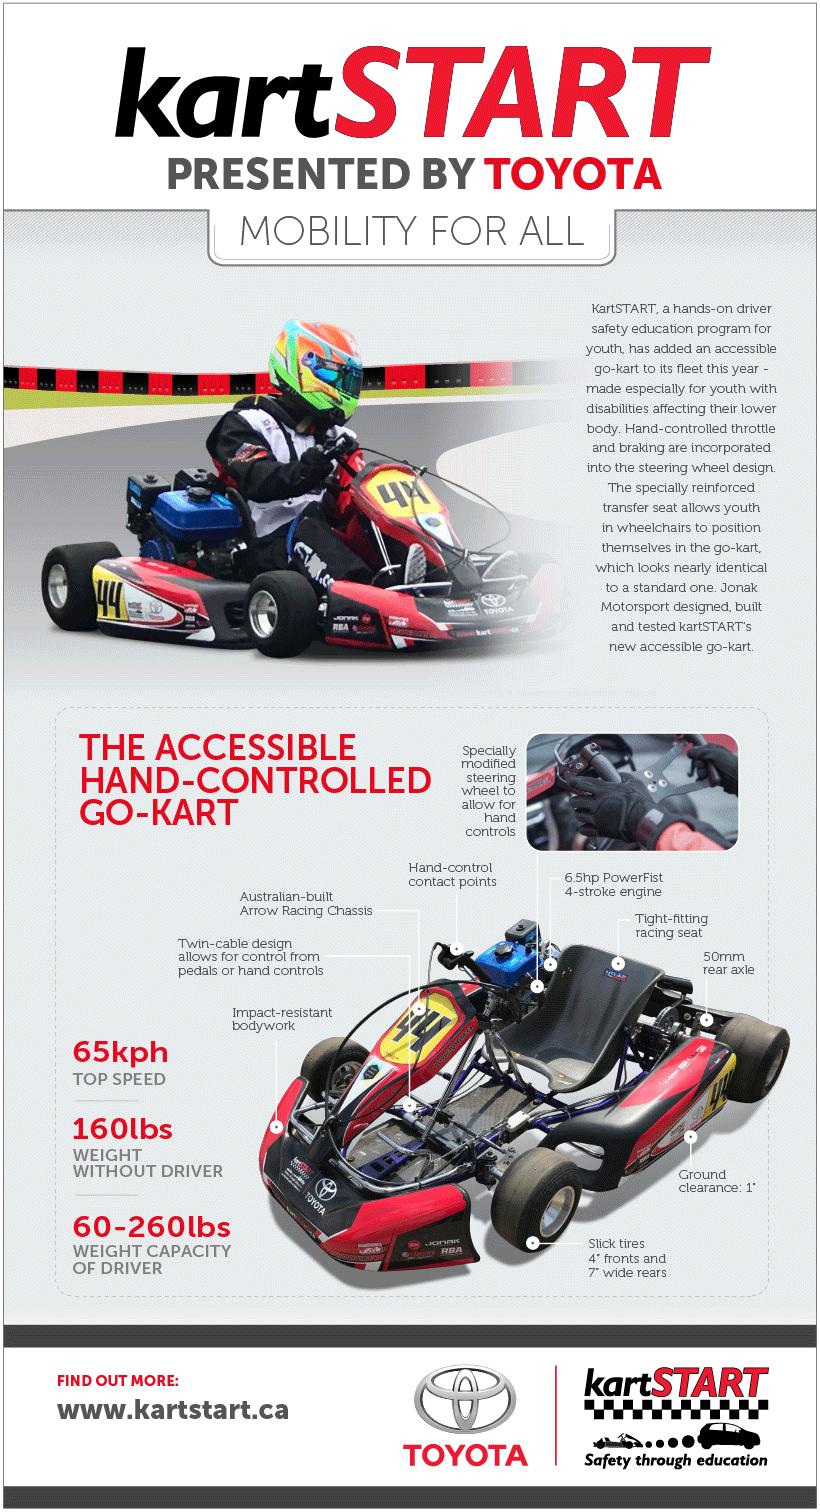 kartSTART Accessibility Kart Infographic